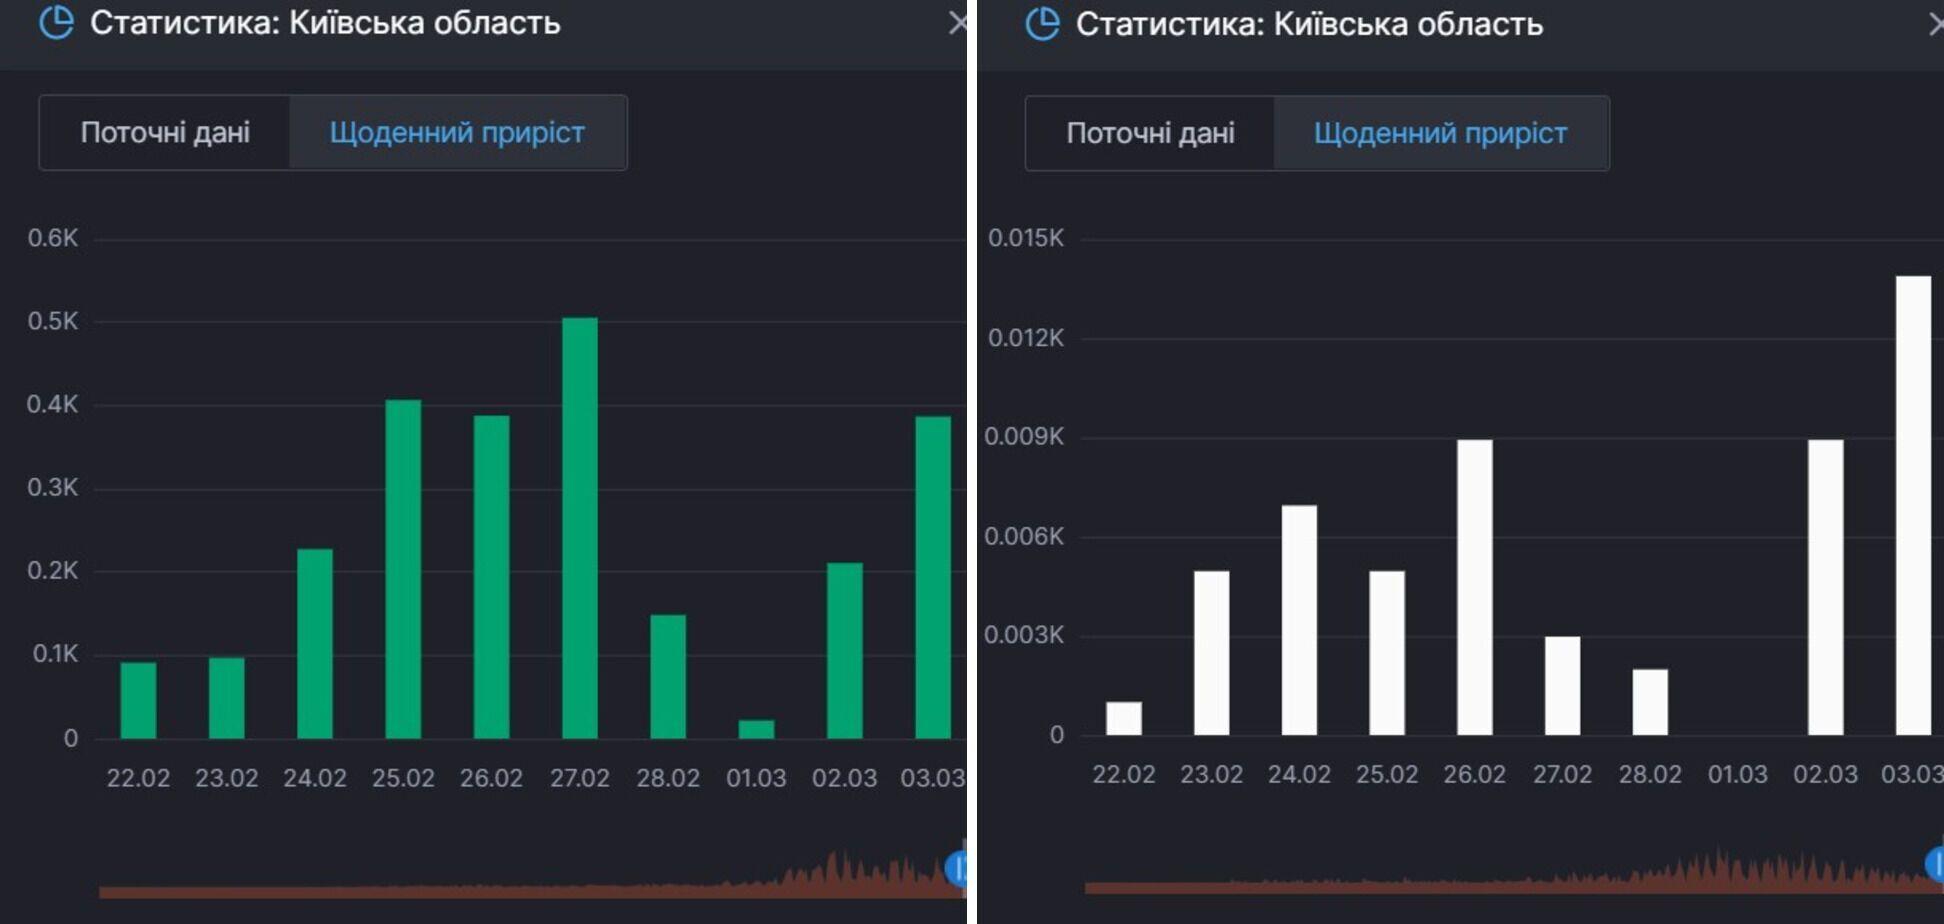 Прирост выздоровлений и смертей от COVID-19 в Киевской области